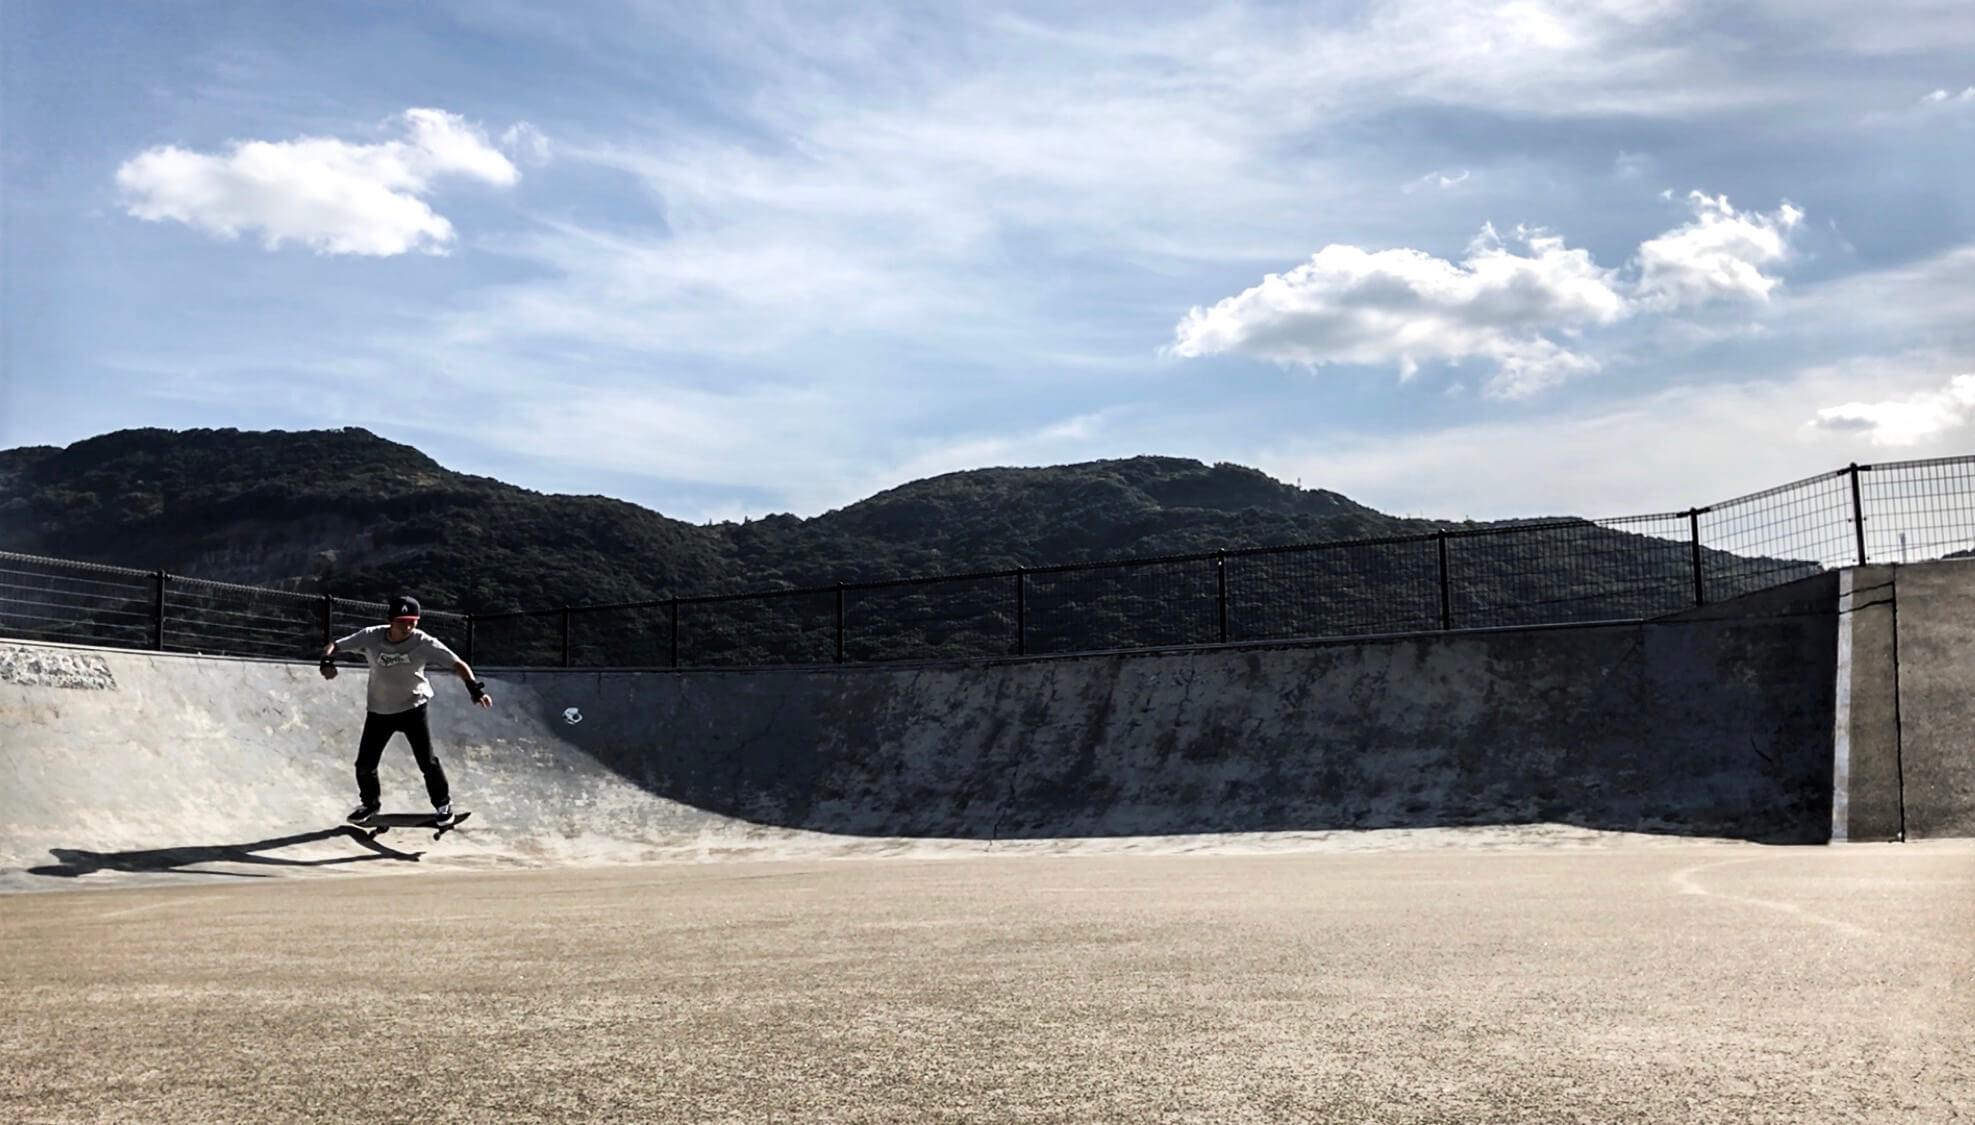 長崎小江スケートパーク広大スペースの写真